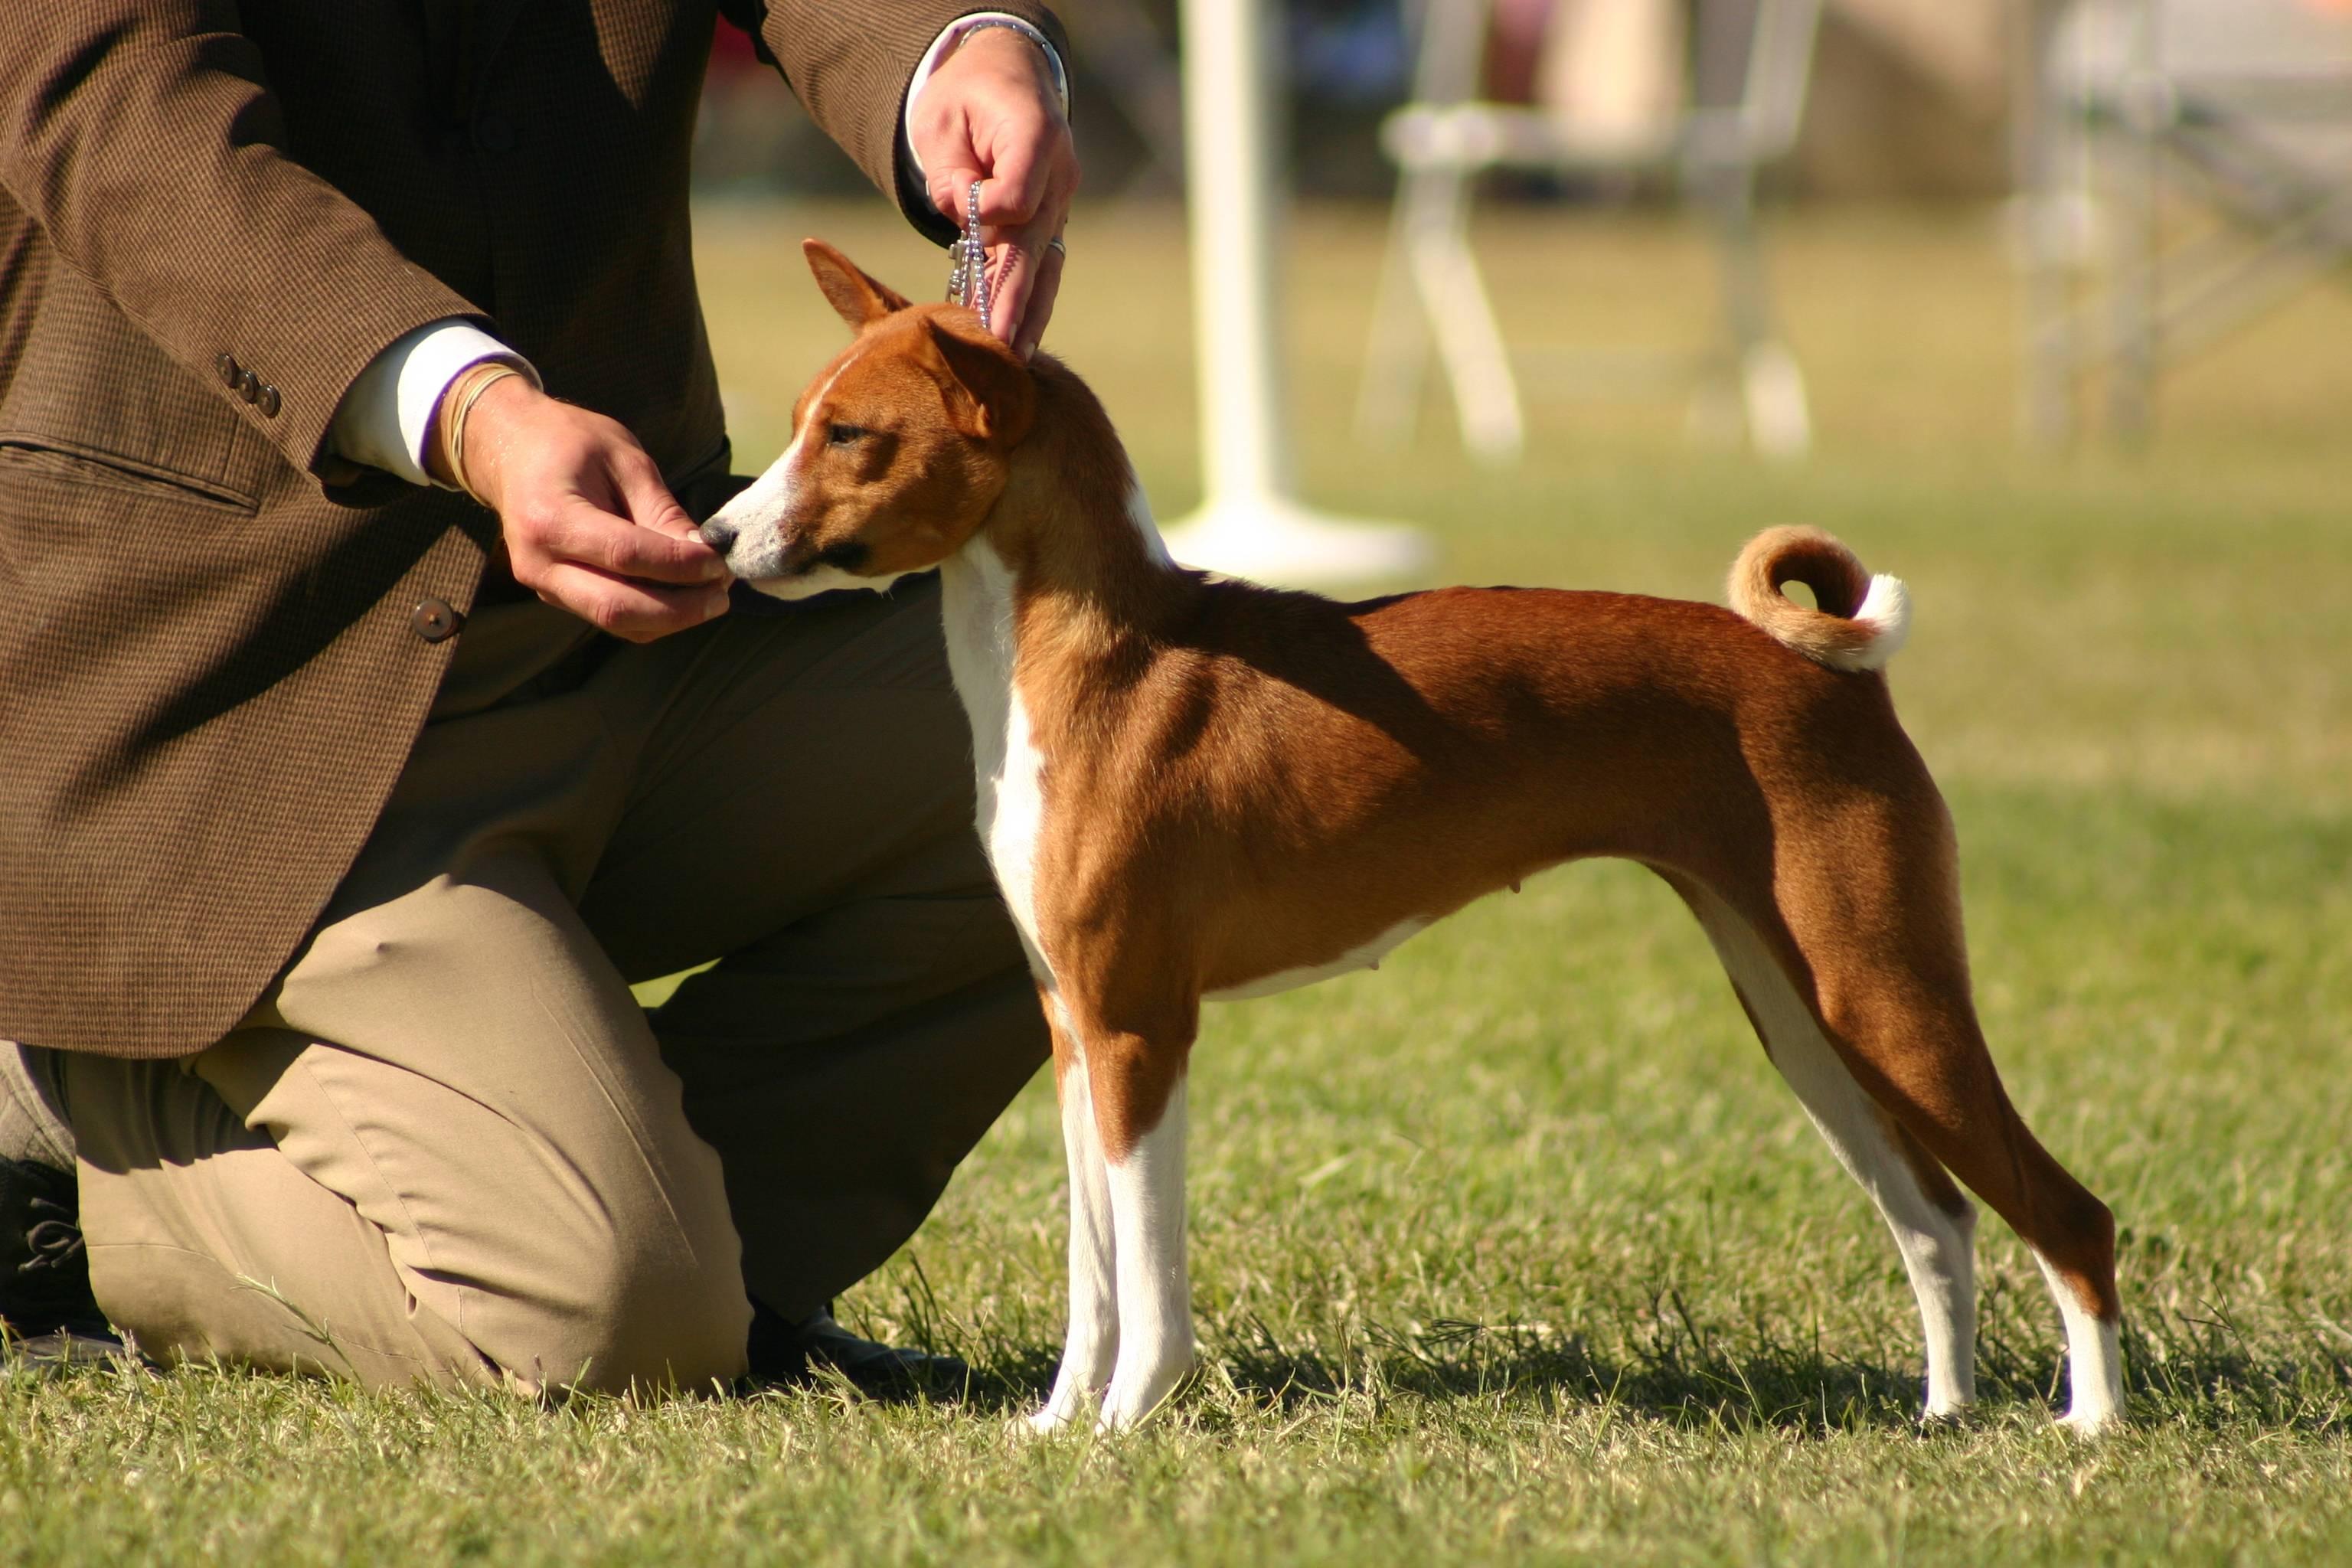 Как называются породы собак, которые не умеют лаять и постоянно молчат